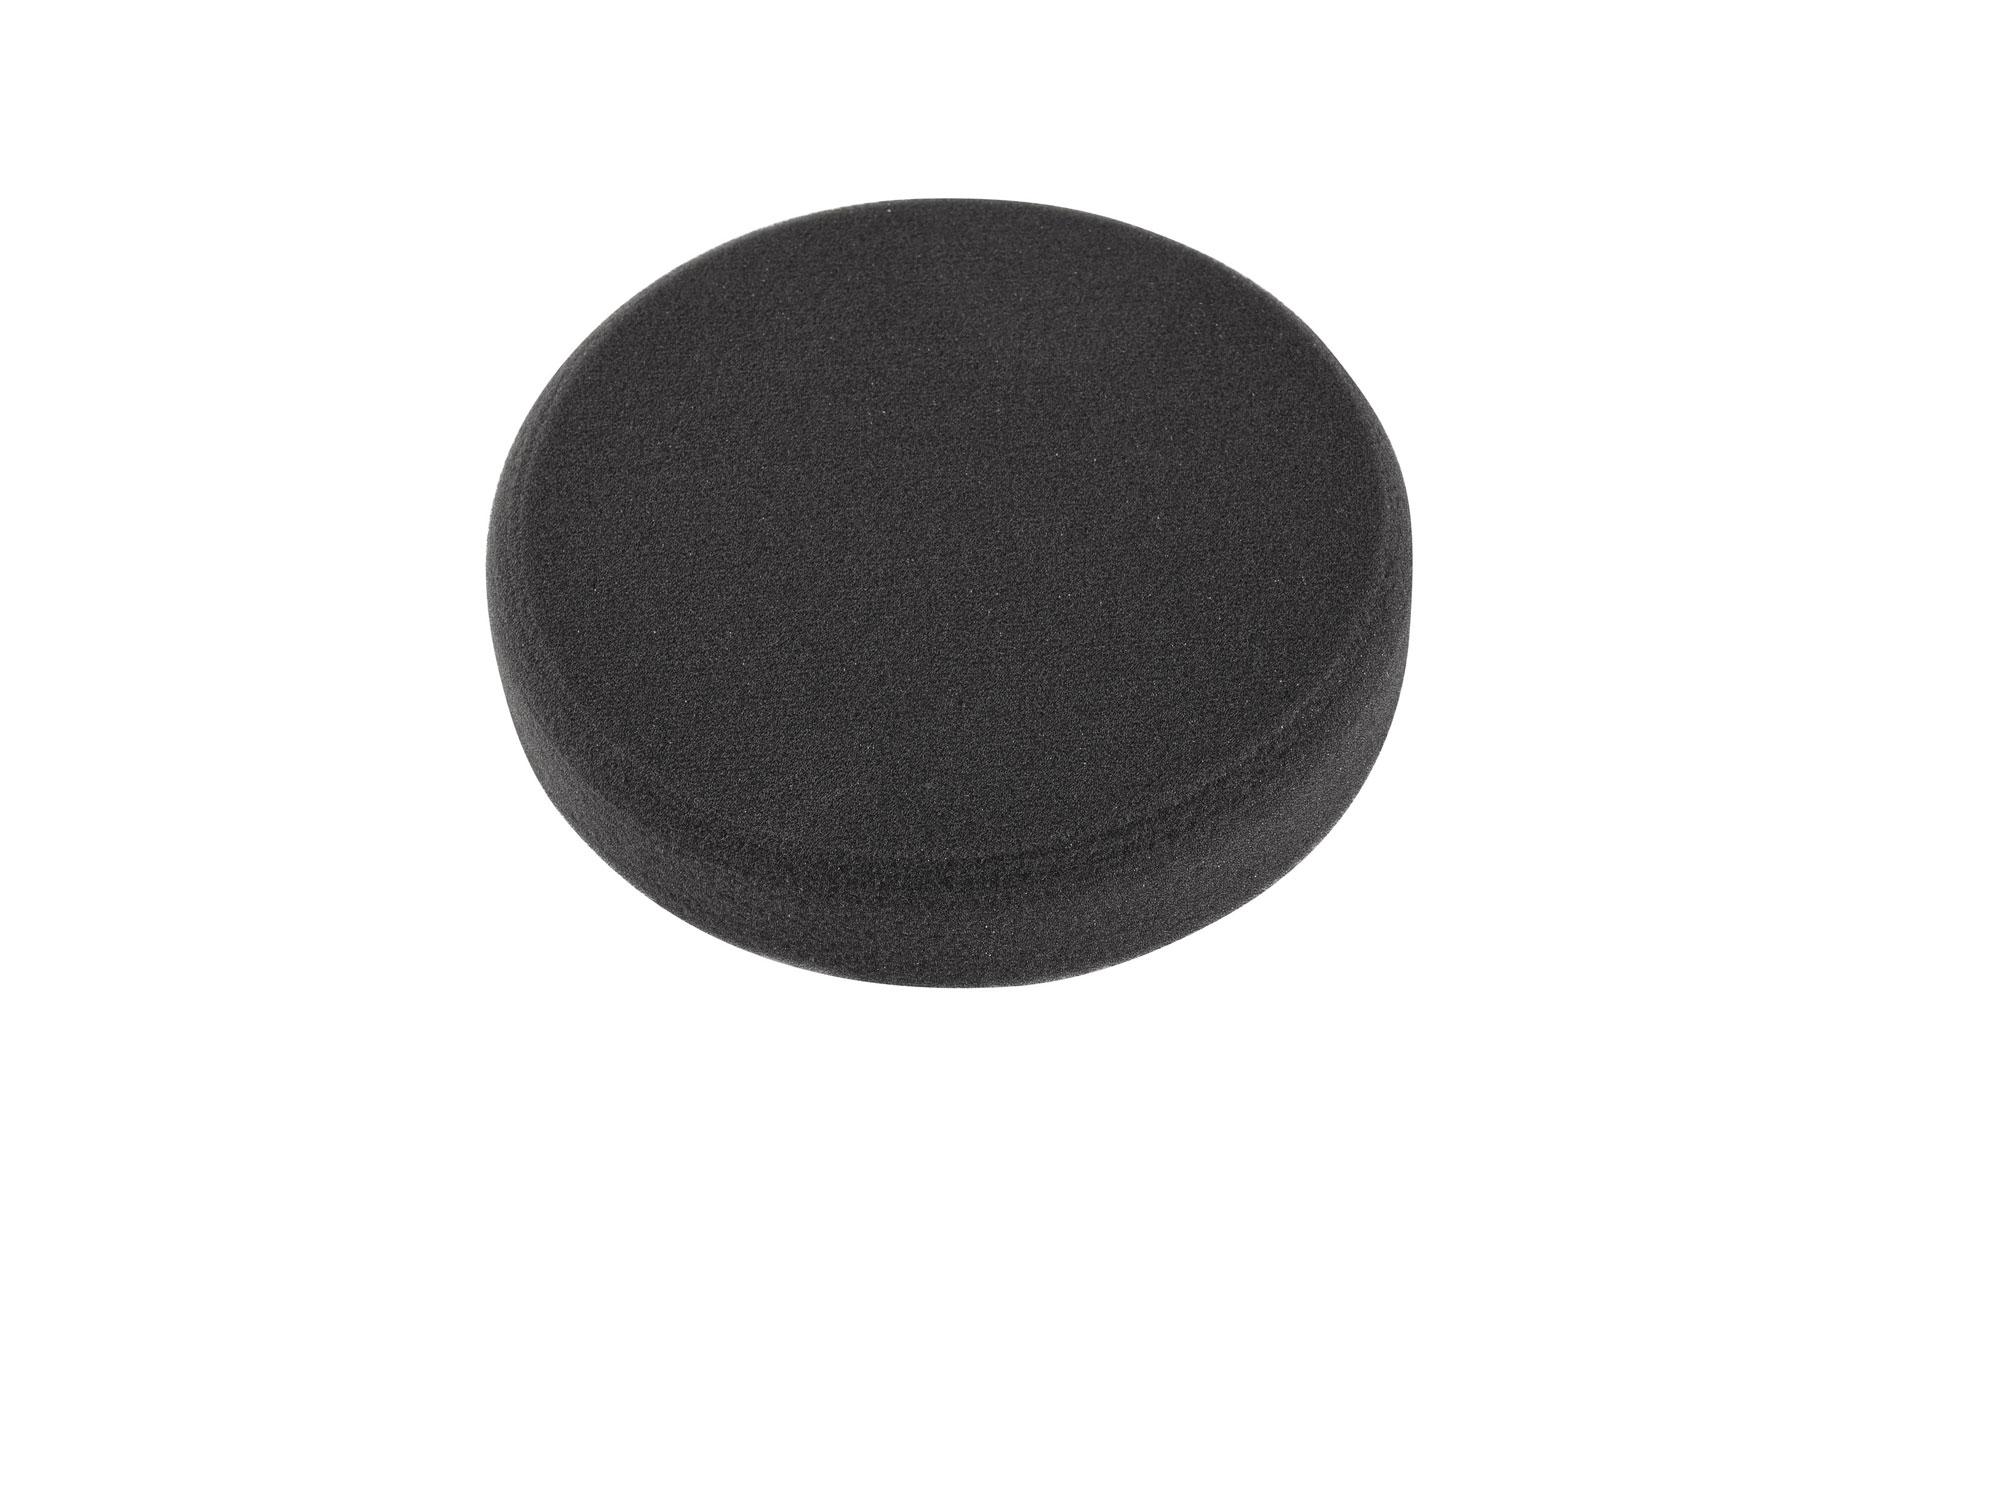 Kotouč leštící pěnový, T10, cerný, R150x30mm, suchý zip EXTOL PREMIUM 8803541